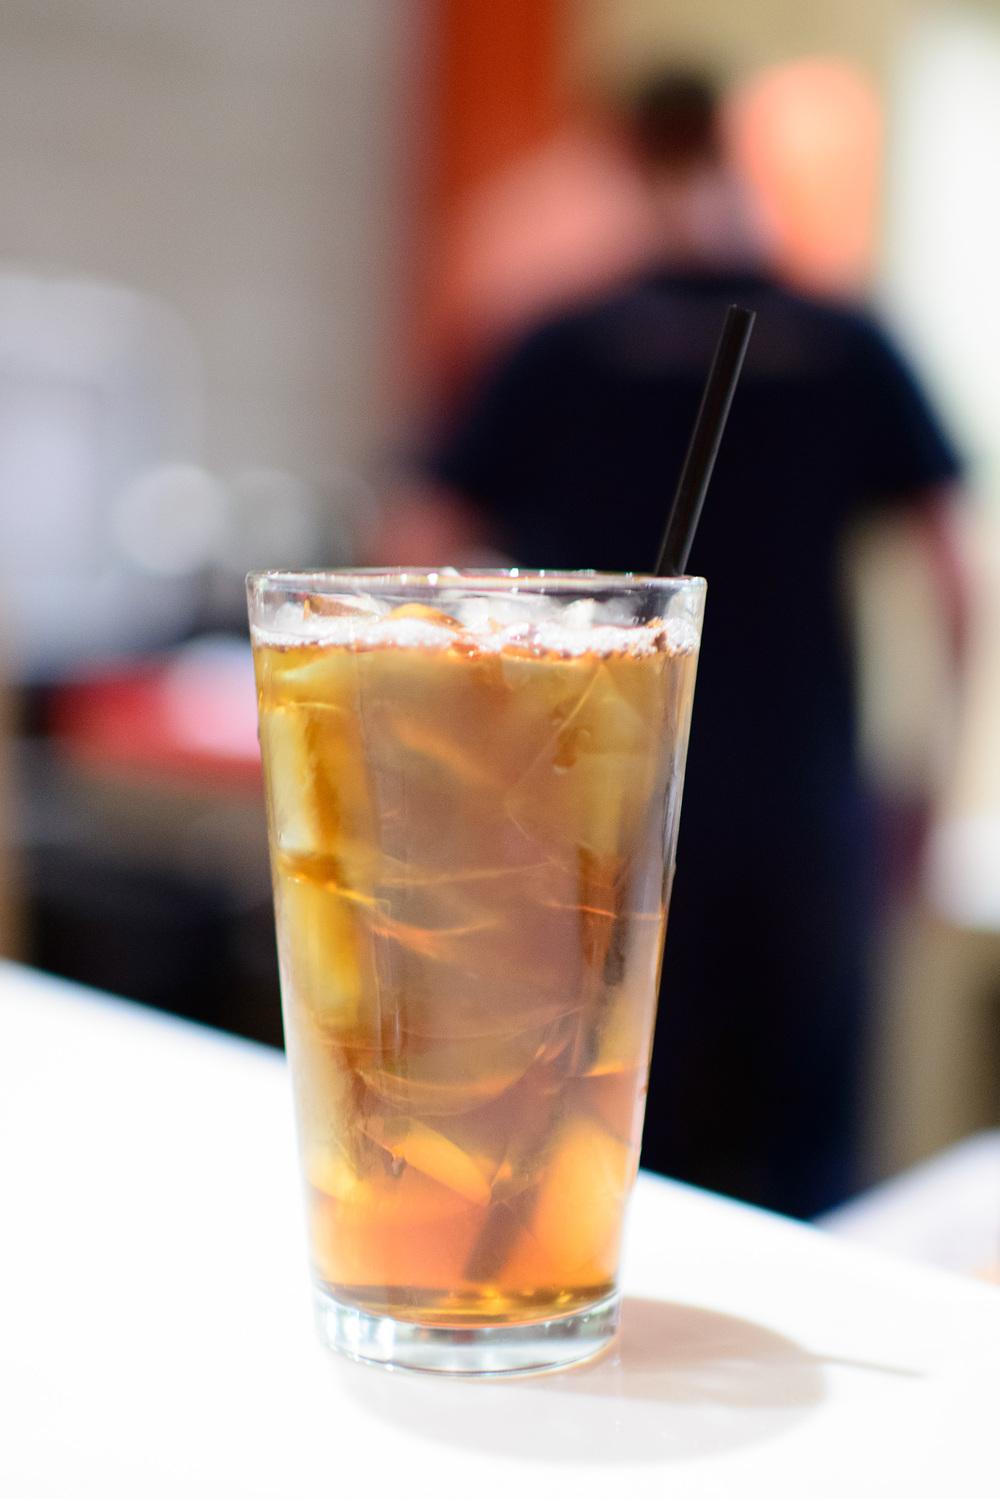 Iced Mugicha (Barley) tea ($4)